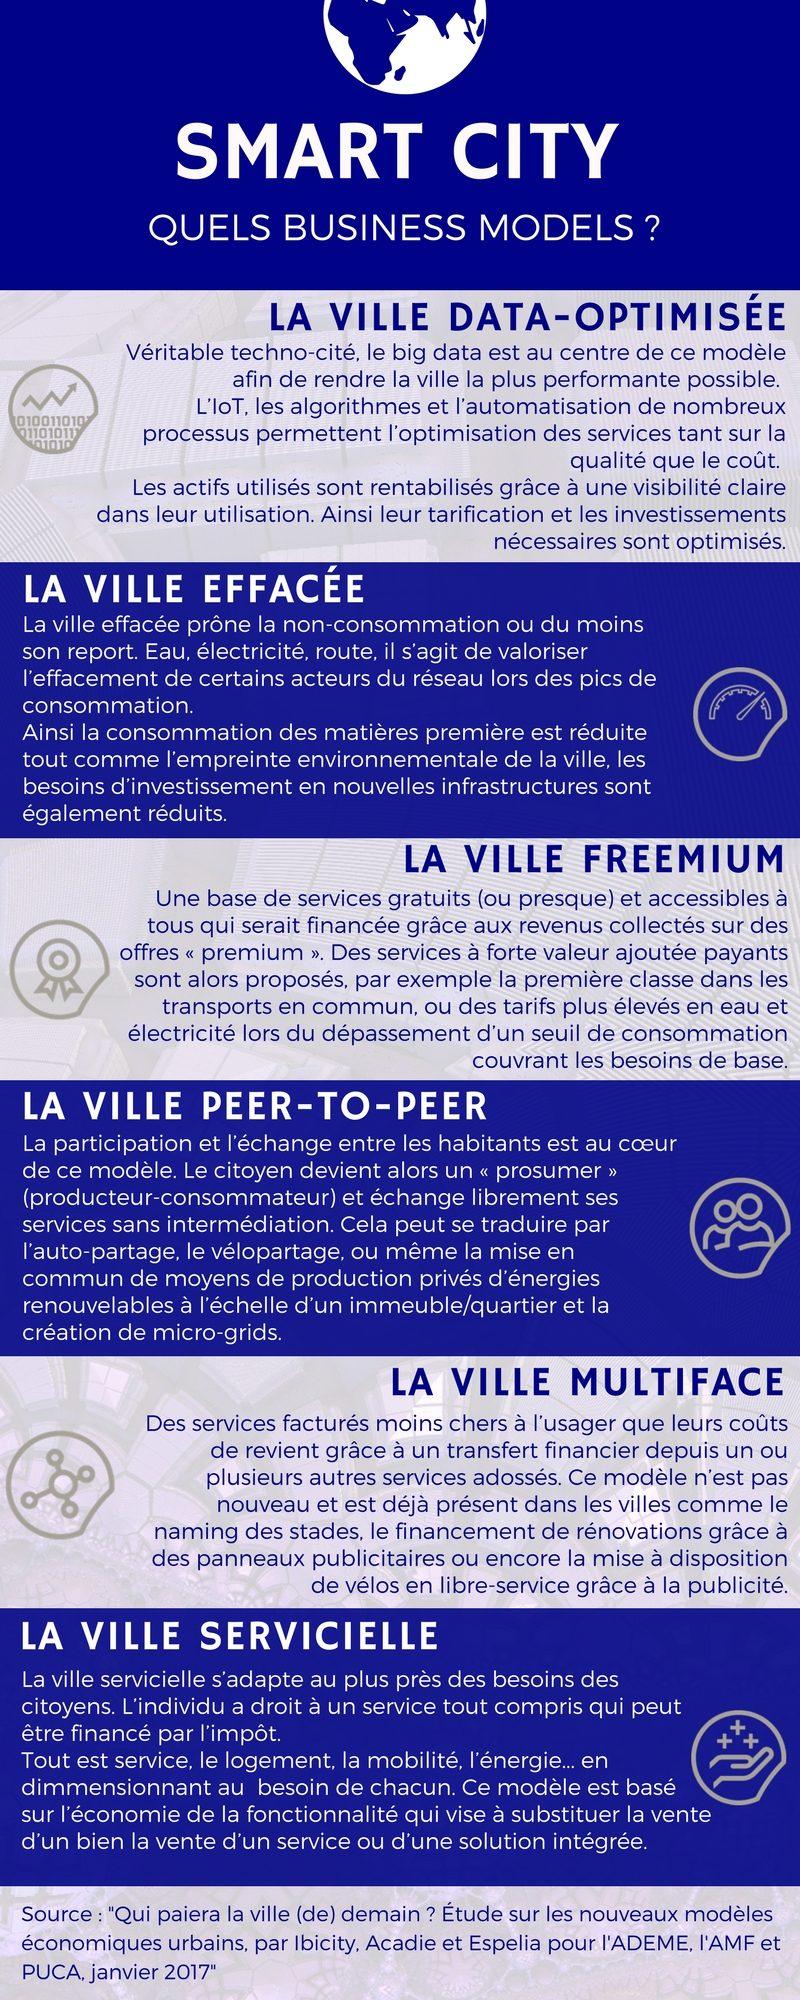 [Infographie] Quels business models pour la Smart City ? (1/2)